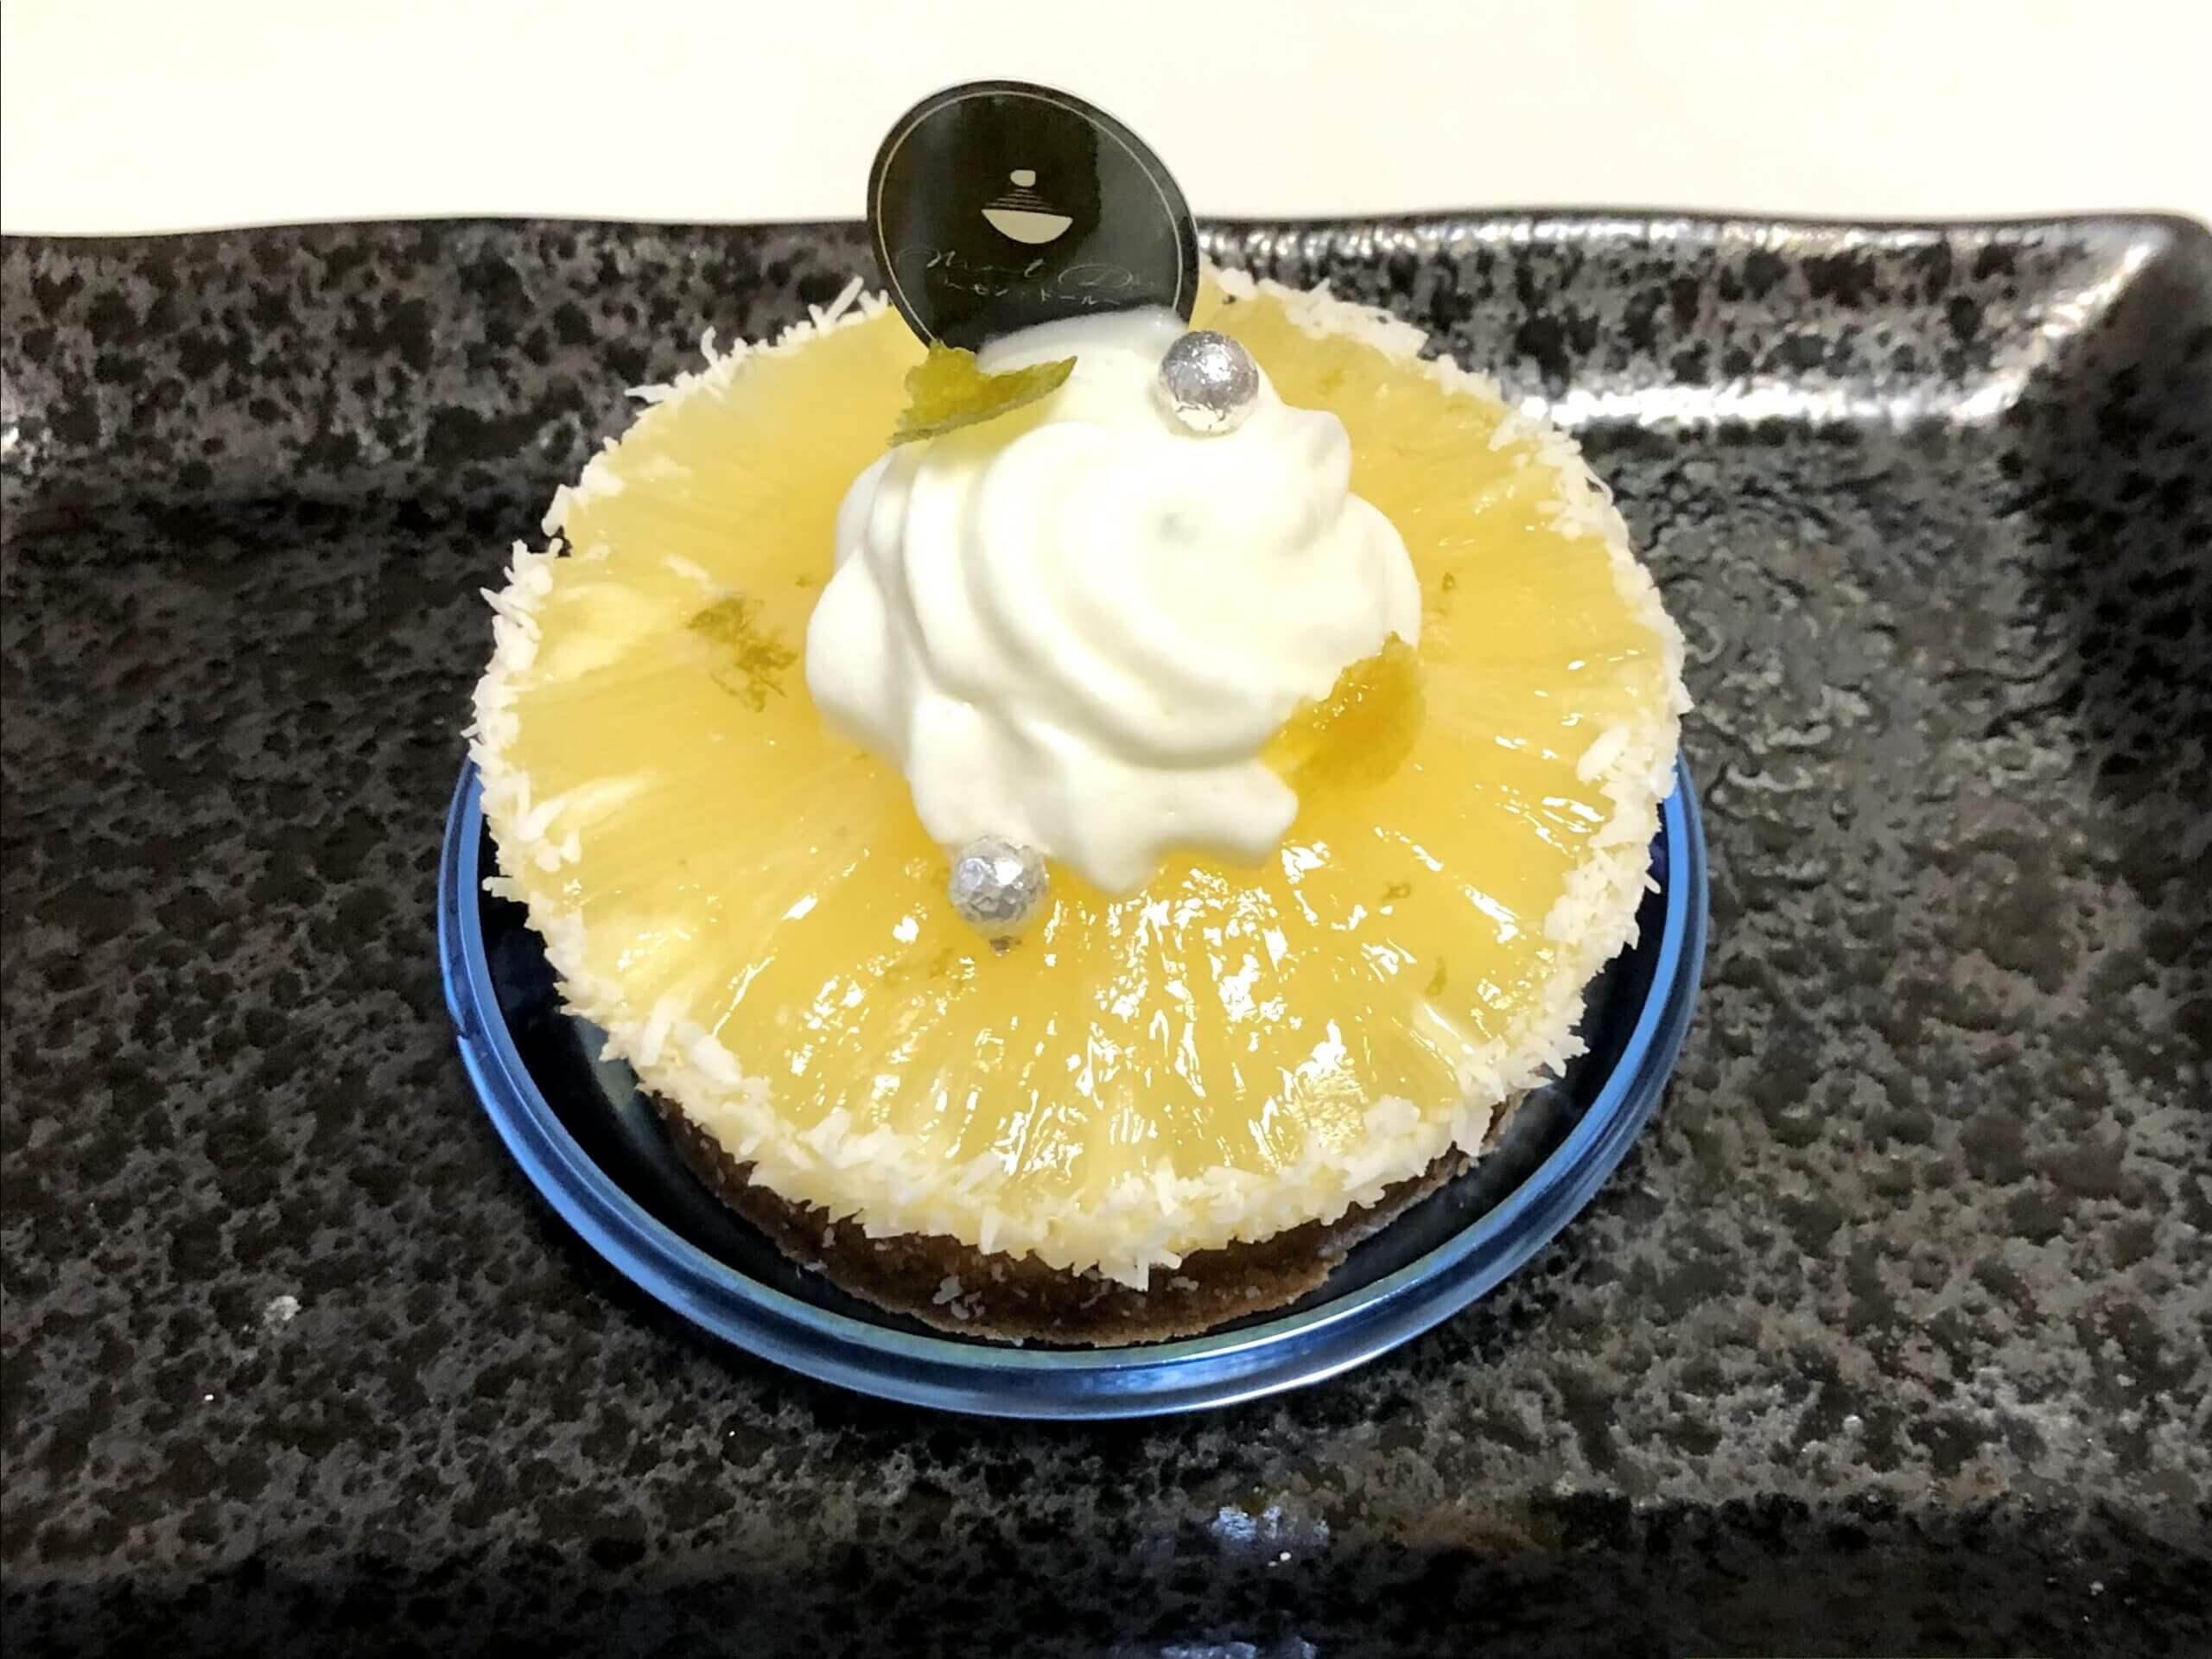 【モンドール – 菊池郡菊陽町久保田 – 】菊陽町にできた、こだわり素材の芸術的なケーキ屋さん